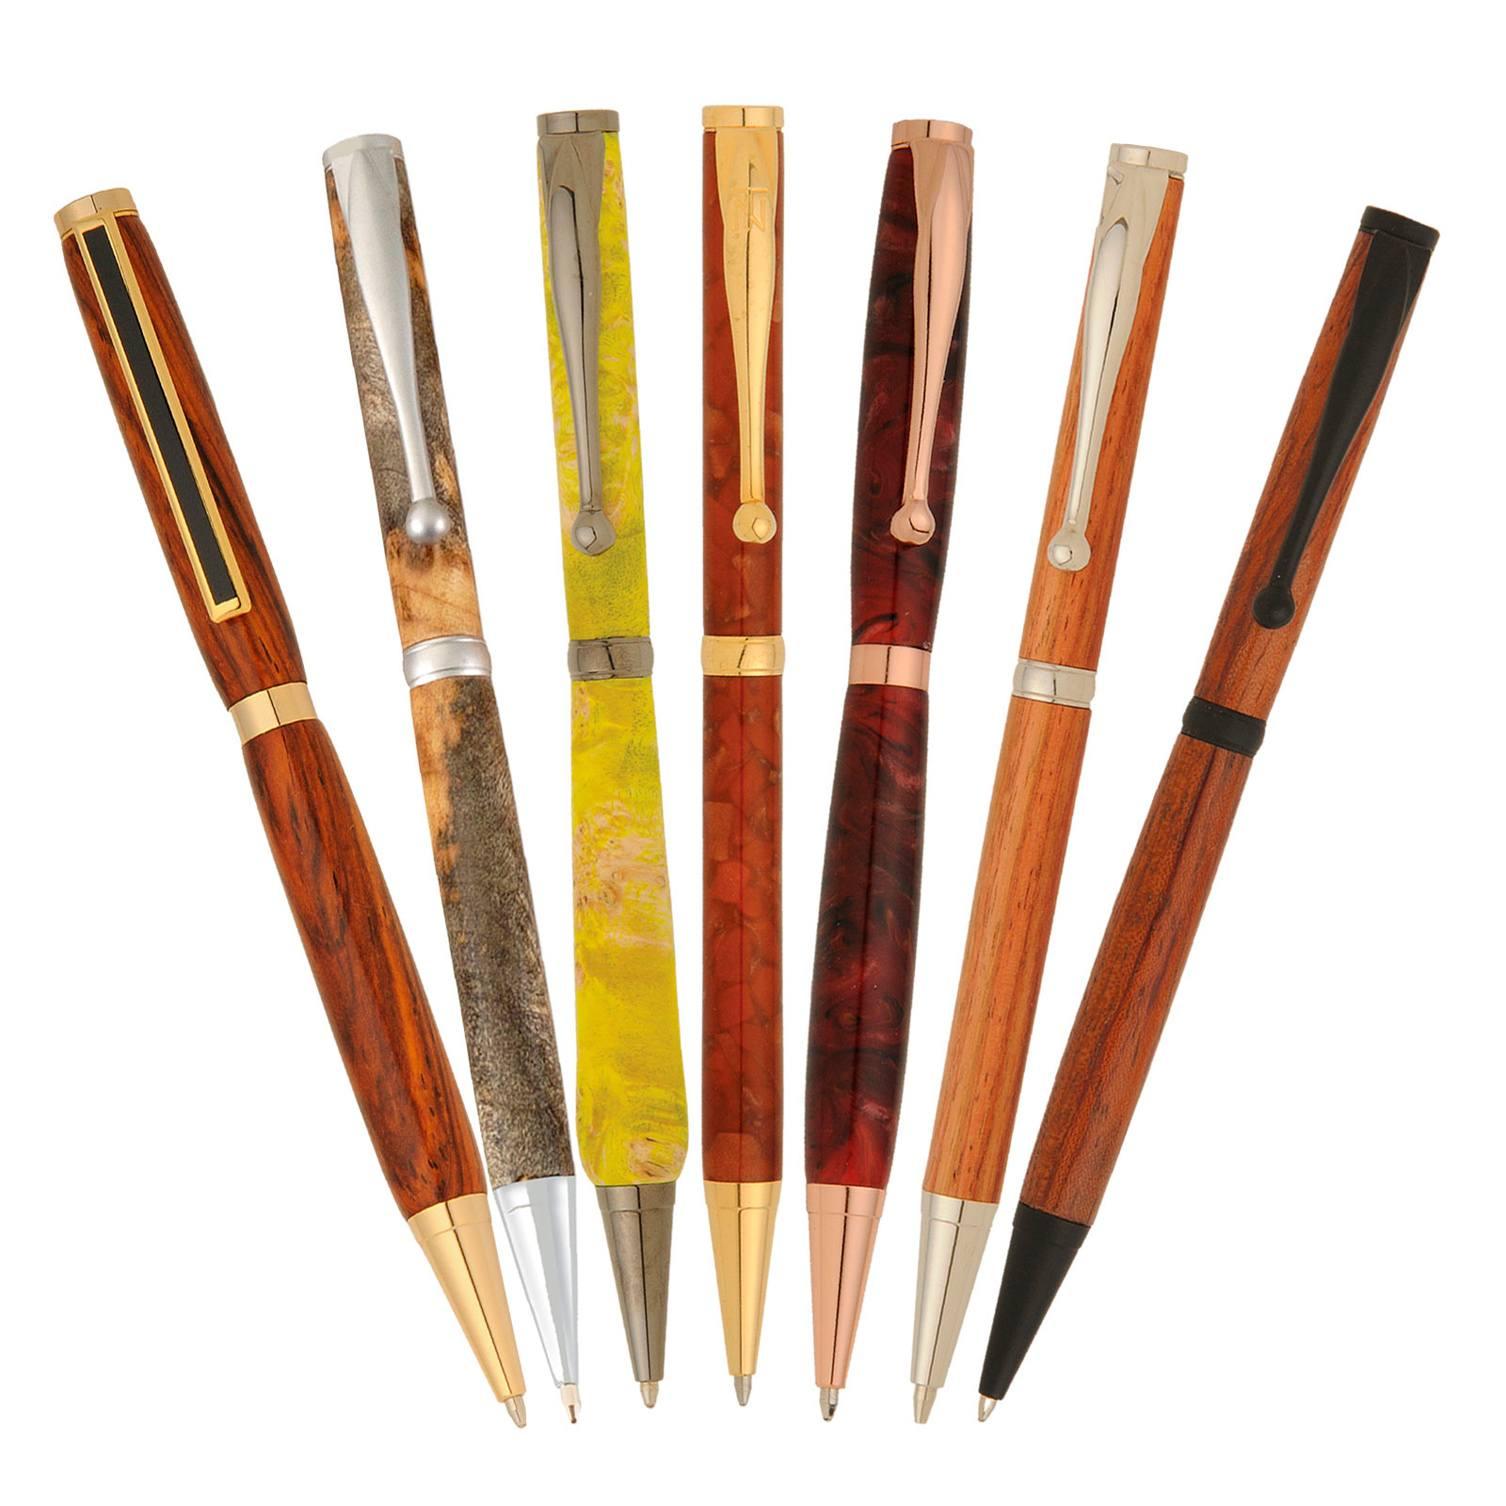 14 Slimline Pen Kit Variety Pack